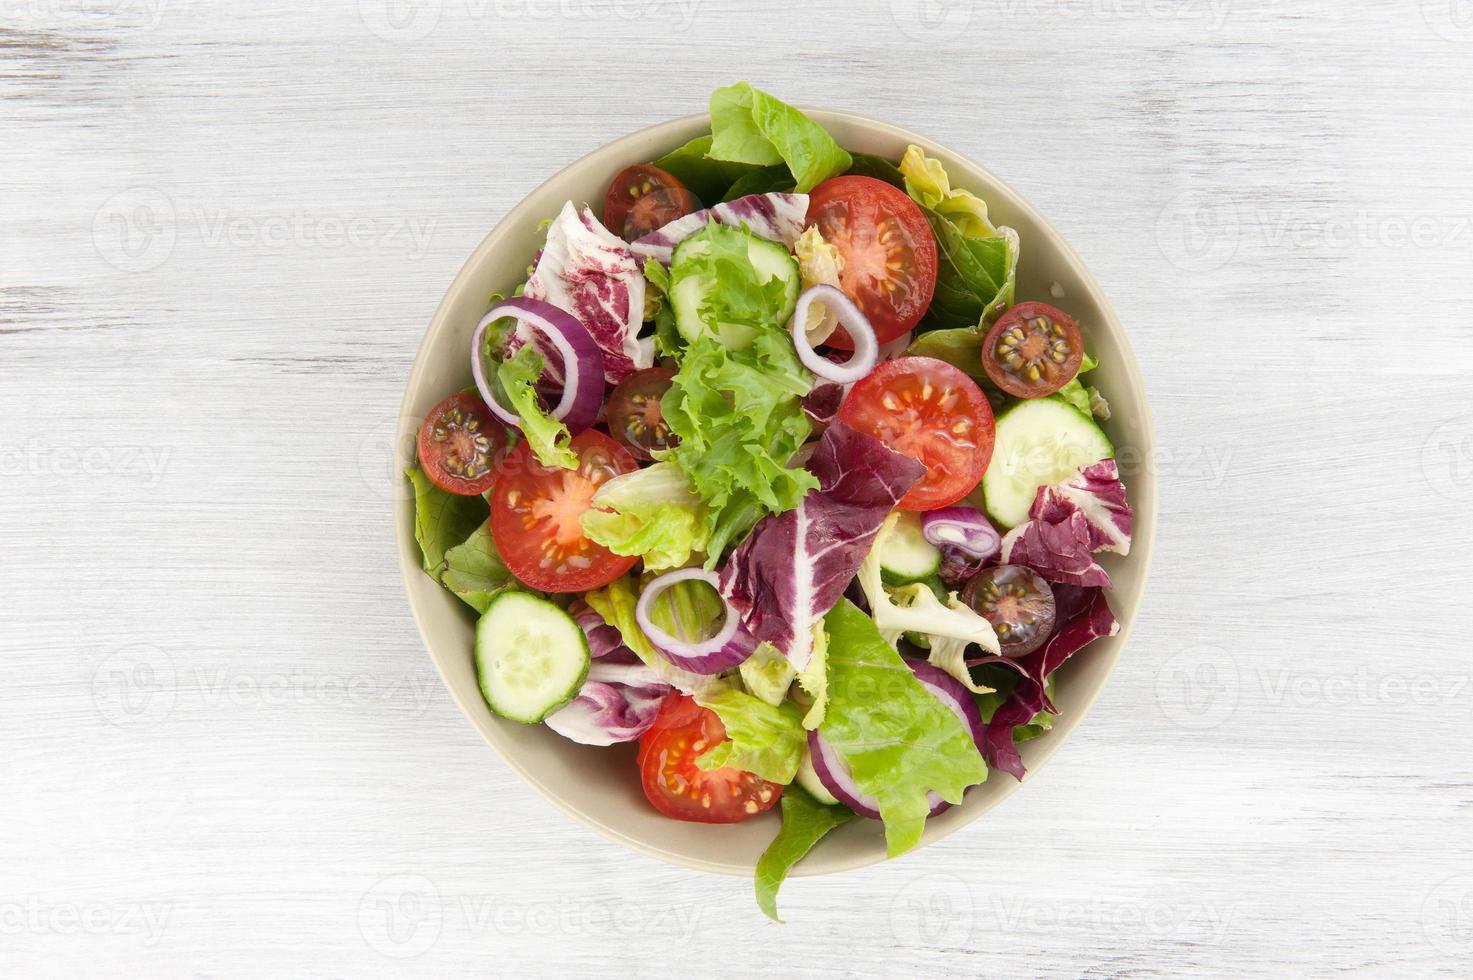 salada de legumes em uma tigela foto